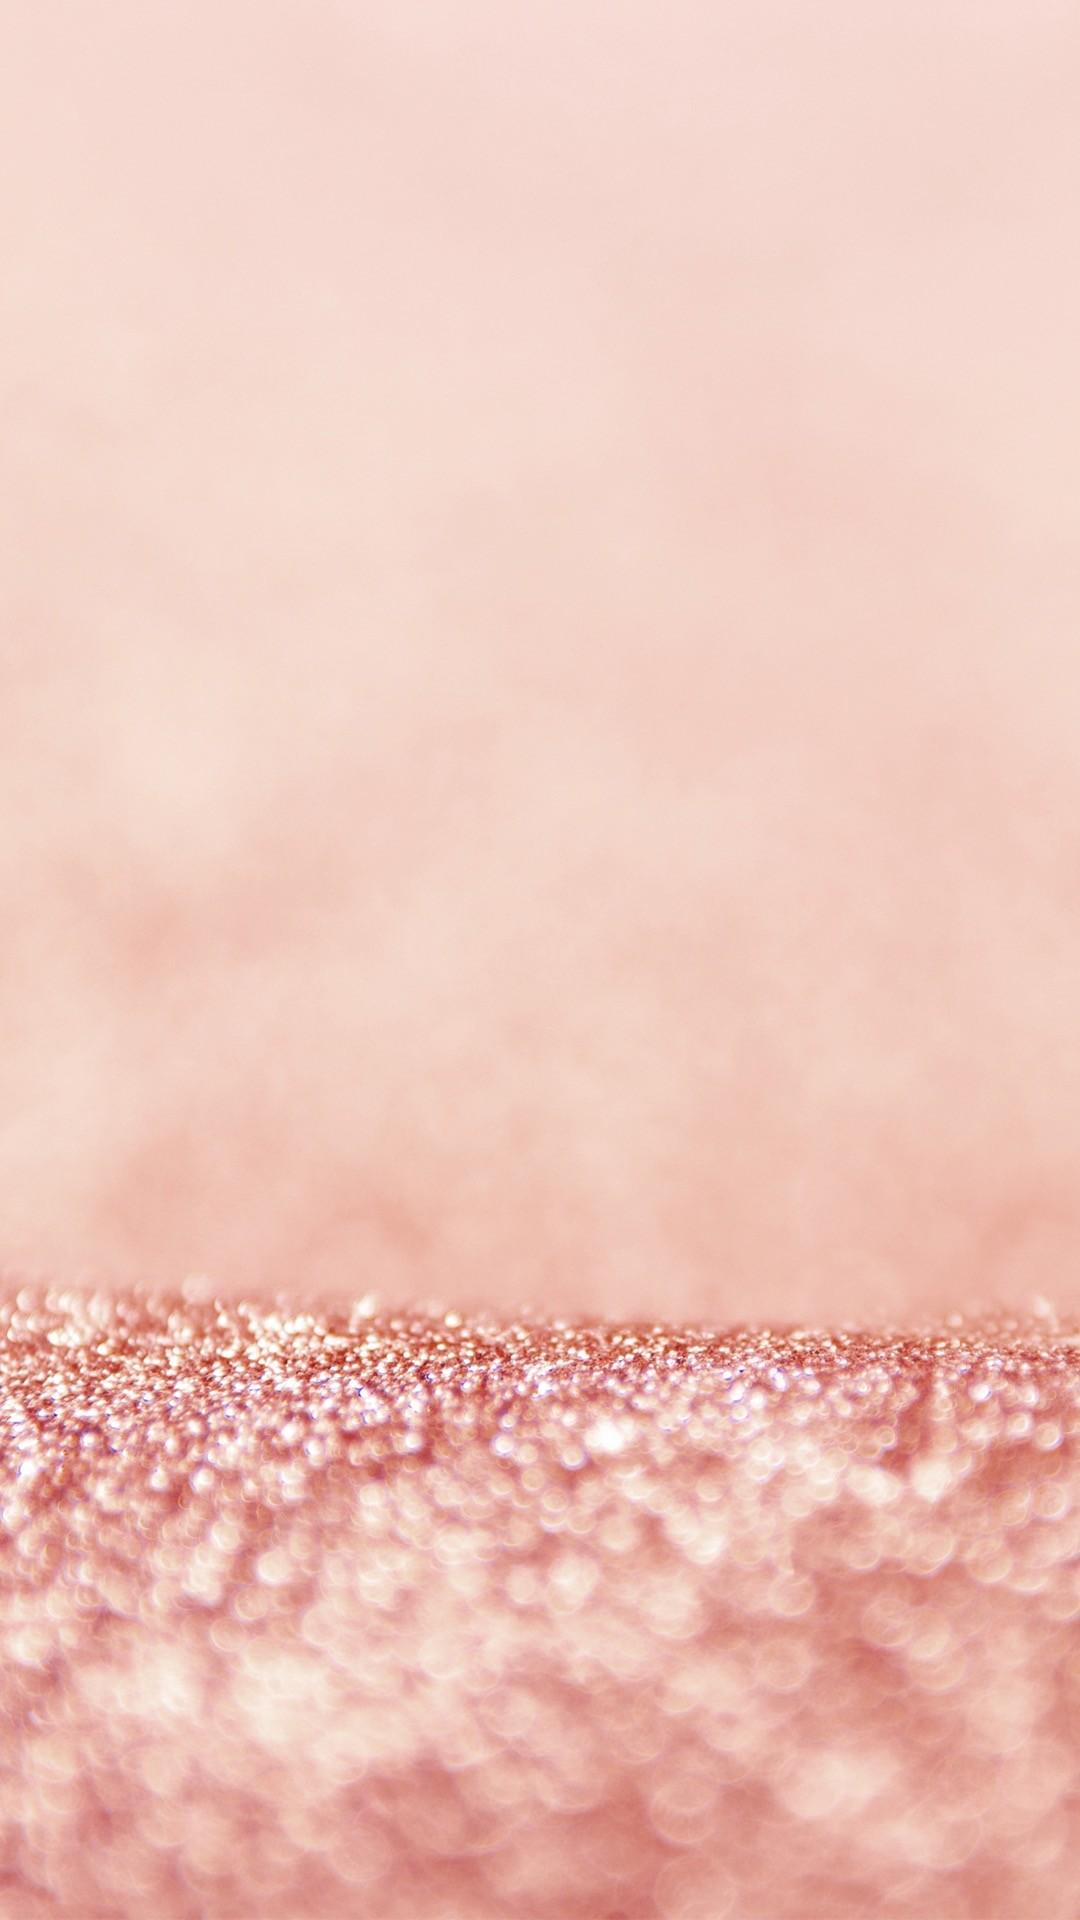 Rose Gold, Iphone Wallpaper, Aesthetics, Glitter, Girly